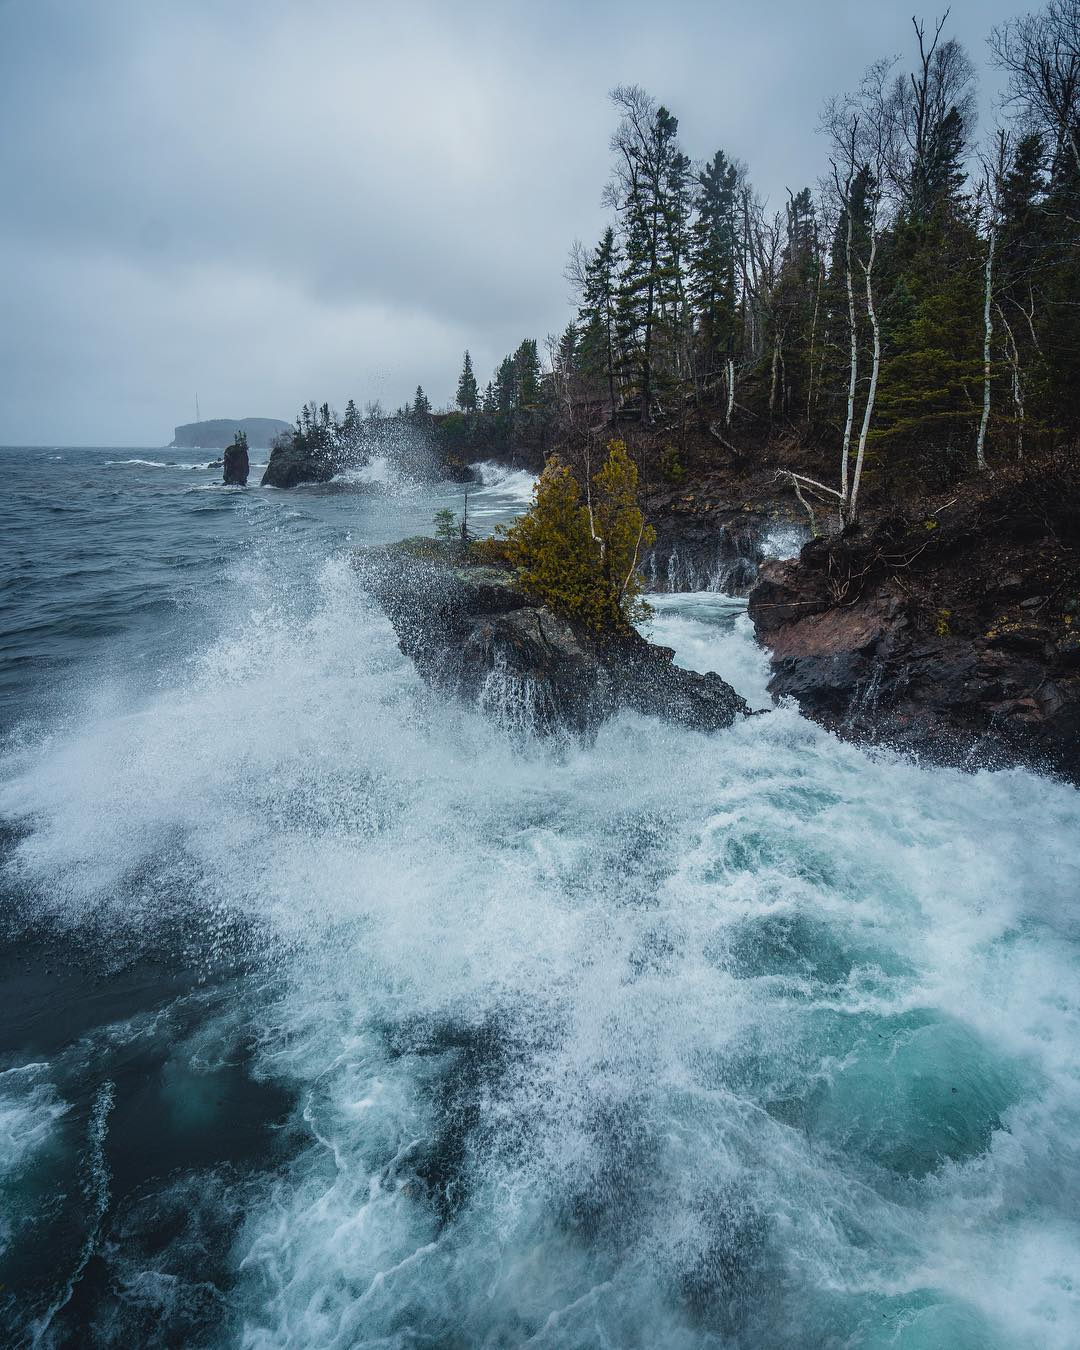 Путешествия и потрясающие пейзажи от Джорджа Илструпа